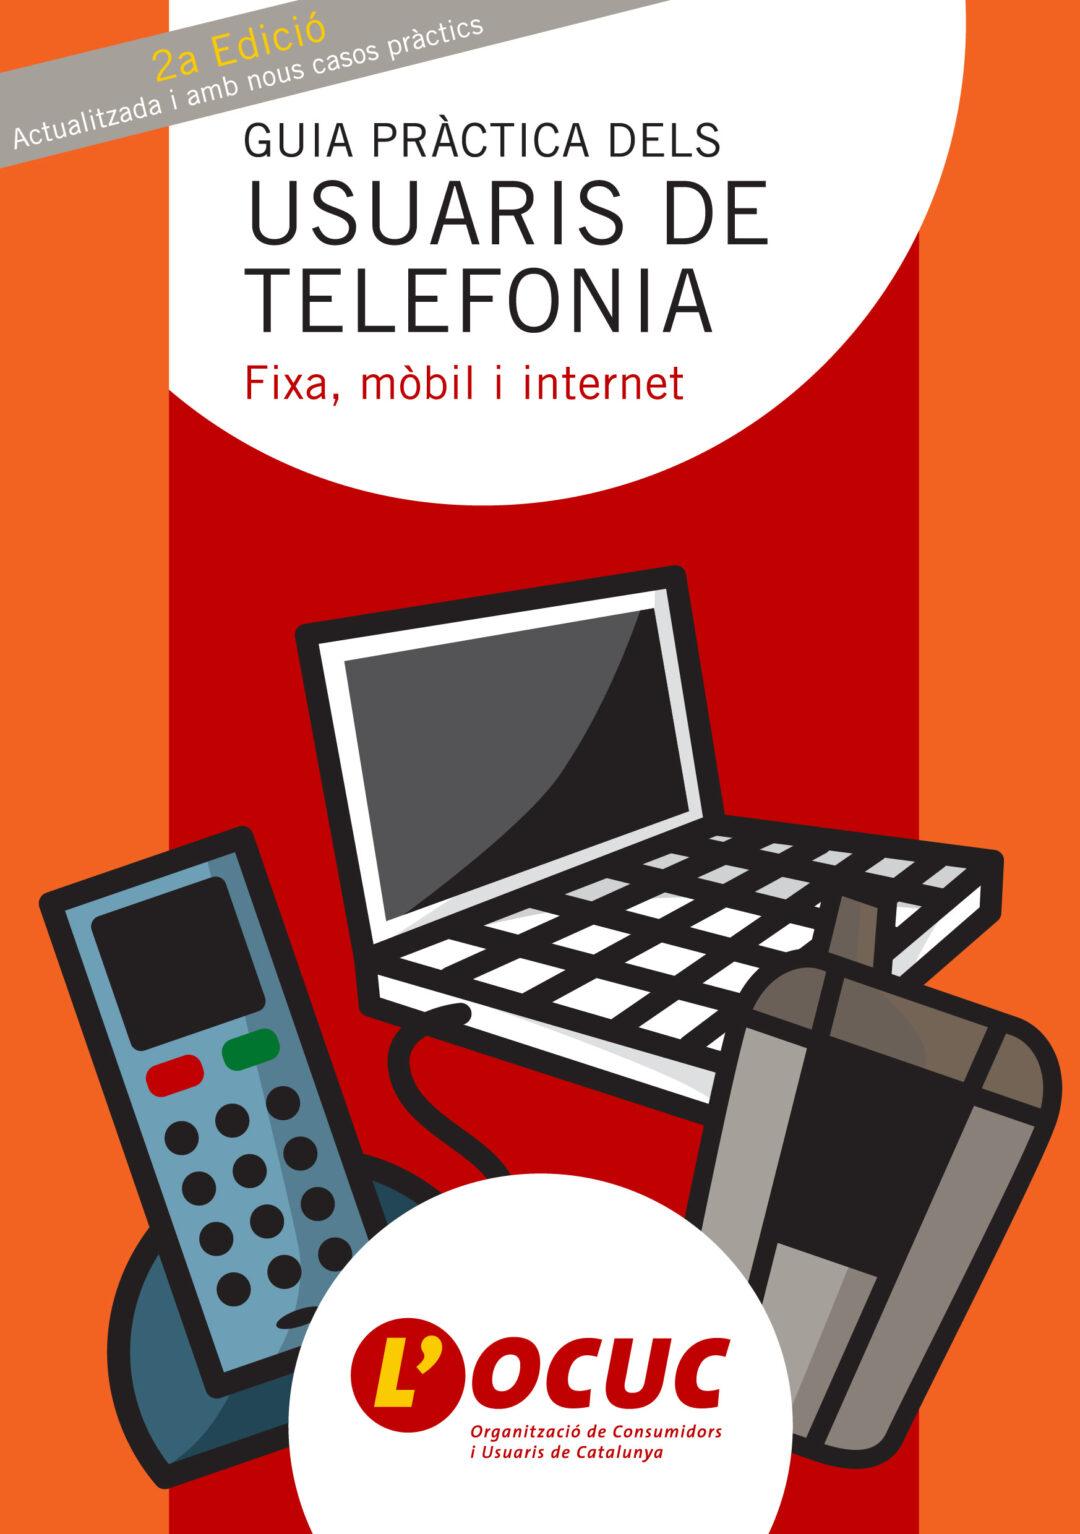 Guia práctica de los usuarios de telefonía